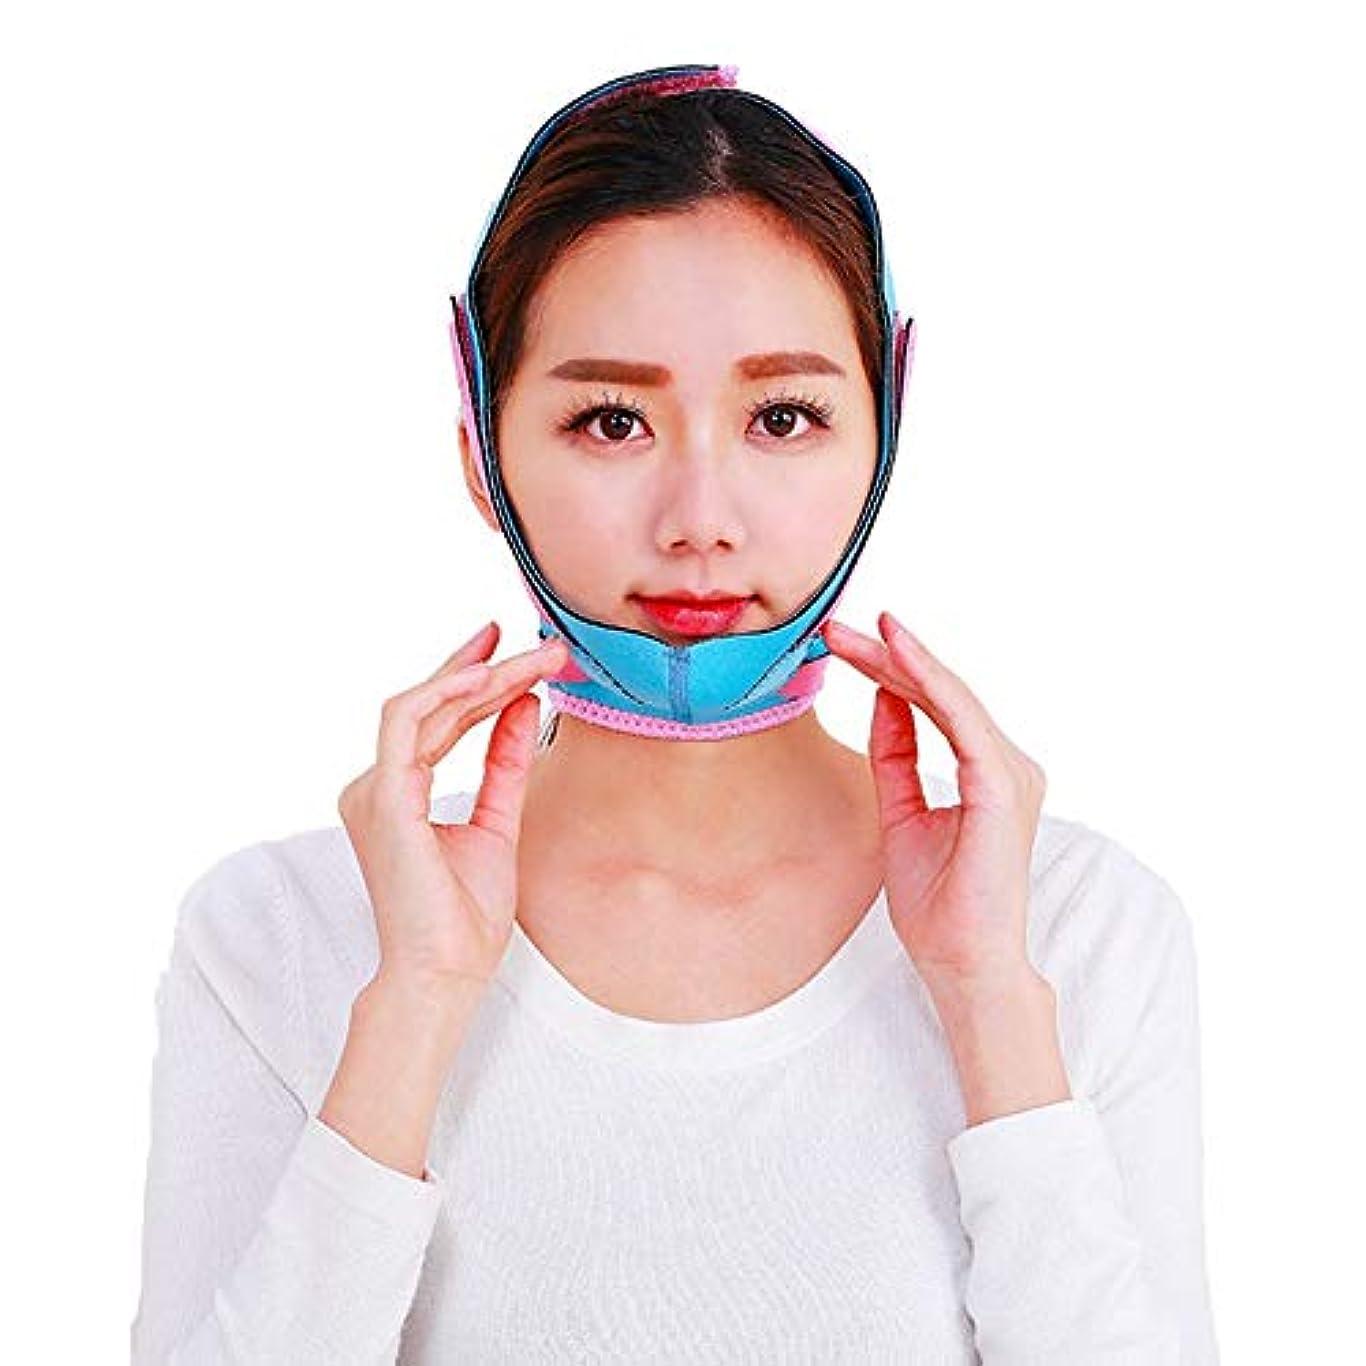 動作コンクリートすでにJia Jia- フェイシャルリフティング痩身ベルトシンフェイス包帯アンチエイジングシワフリーフェイシャルマッサージ整形マスクダブルチンワークアウト 顔面包帯